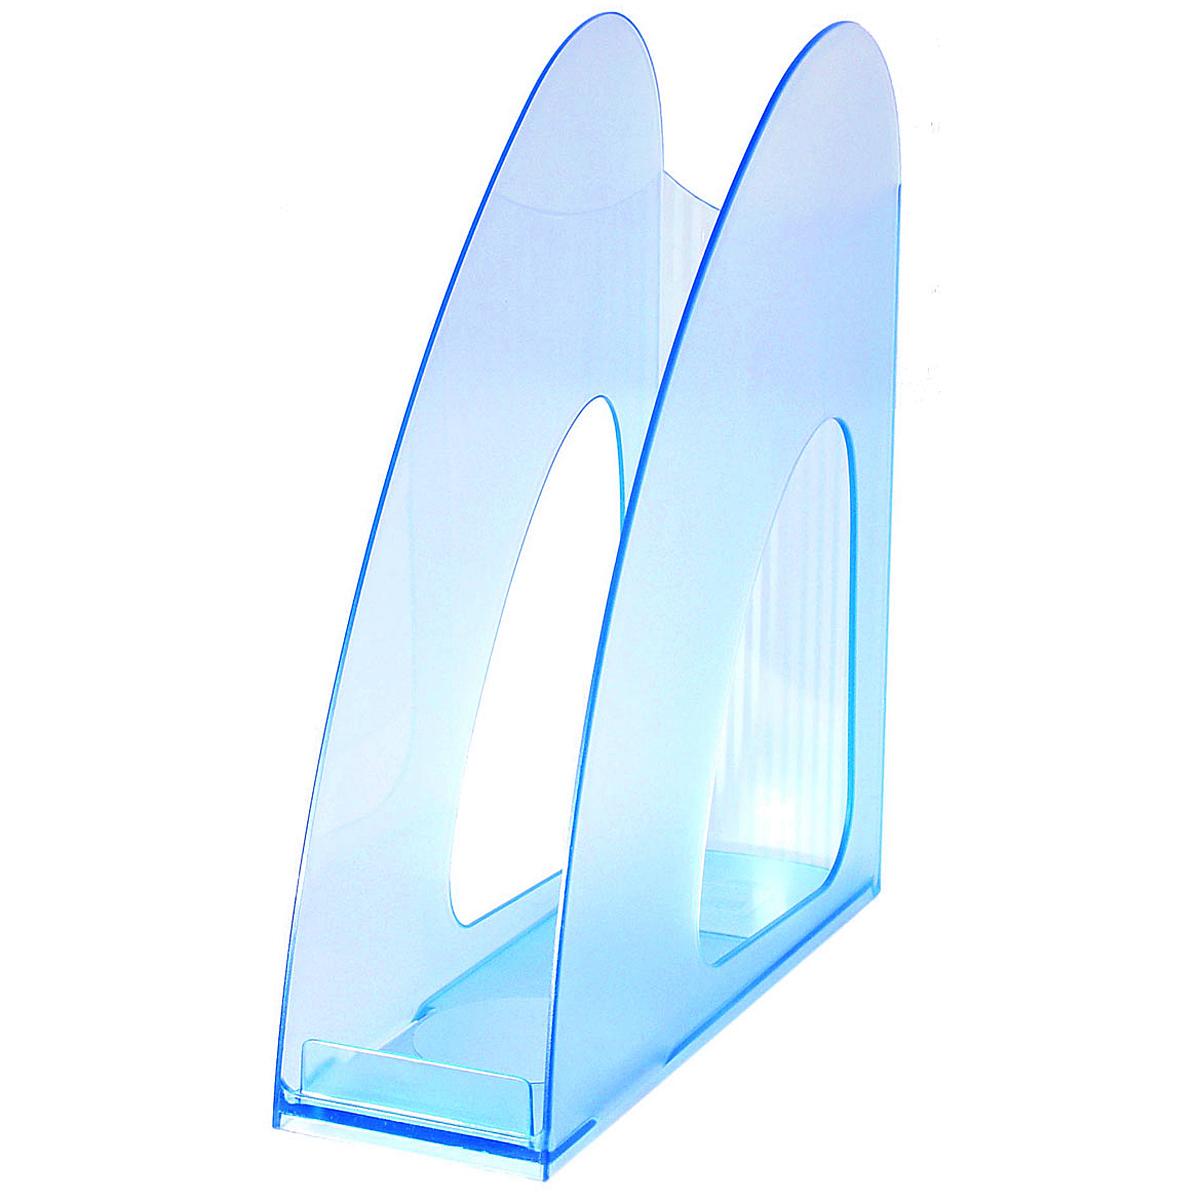 Лоток для бумаг вертикальный HAN Twin, прозрачный, цвет: синийHA1611/64Вертикальный лоток для бумаг HAN Twin с оригинальным дизайном корпуса поможет вам навести порядок на столе и сэкономить пространство. Лоток изготовлен из высококачественного антистатического прозрачного пластика. Низкий передний порог облегчает изъятие документов из накопителя. Благодаря лотку для бумаг, важные бумаги и документы всегда будут под рукой.